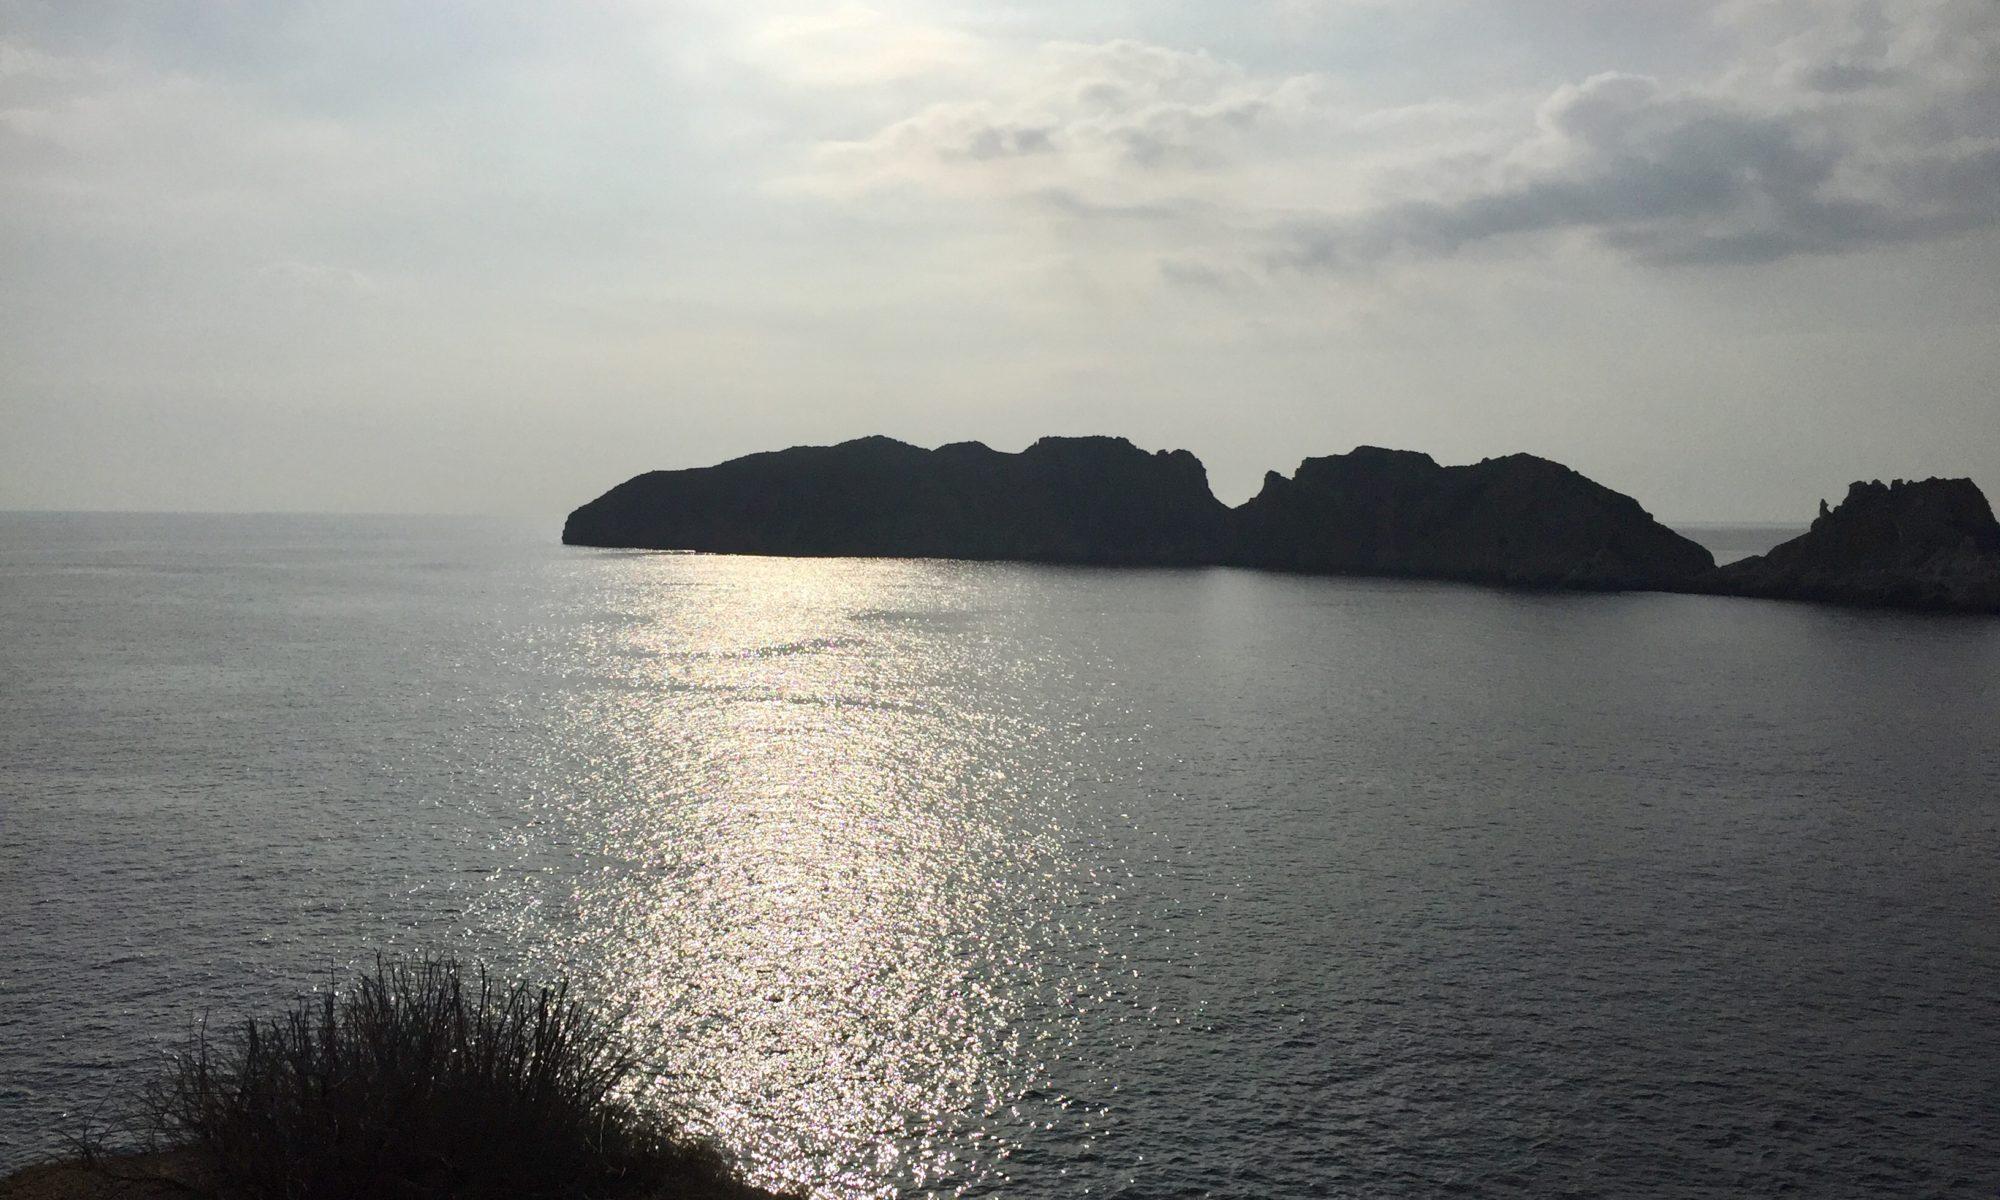 Bilder von Reisen und Ausflügen - Abendstimmung auf Mallorca